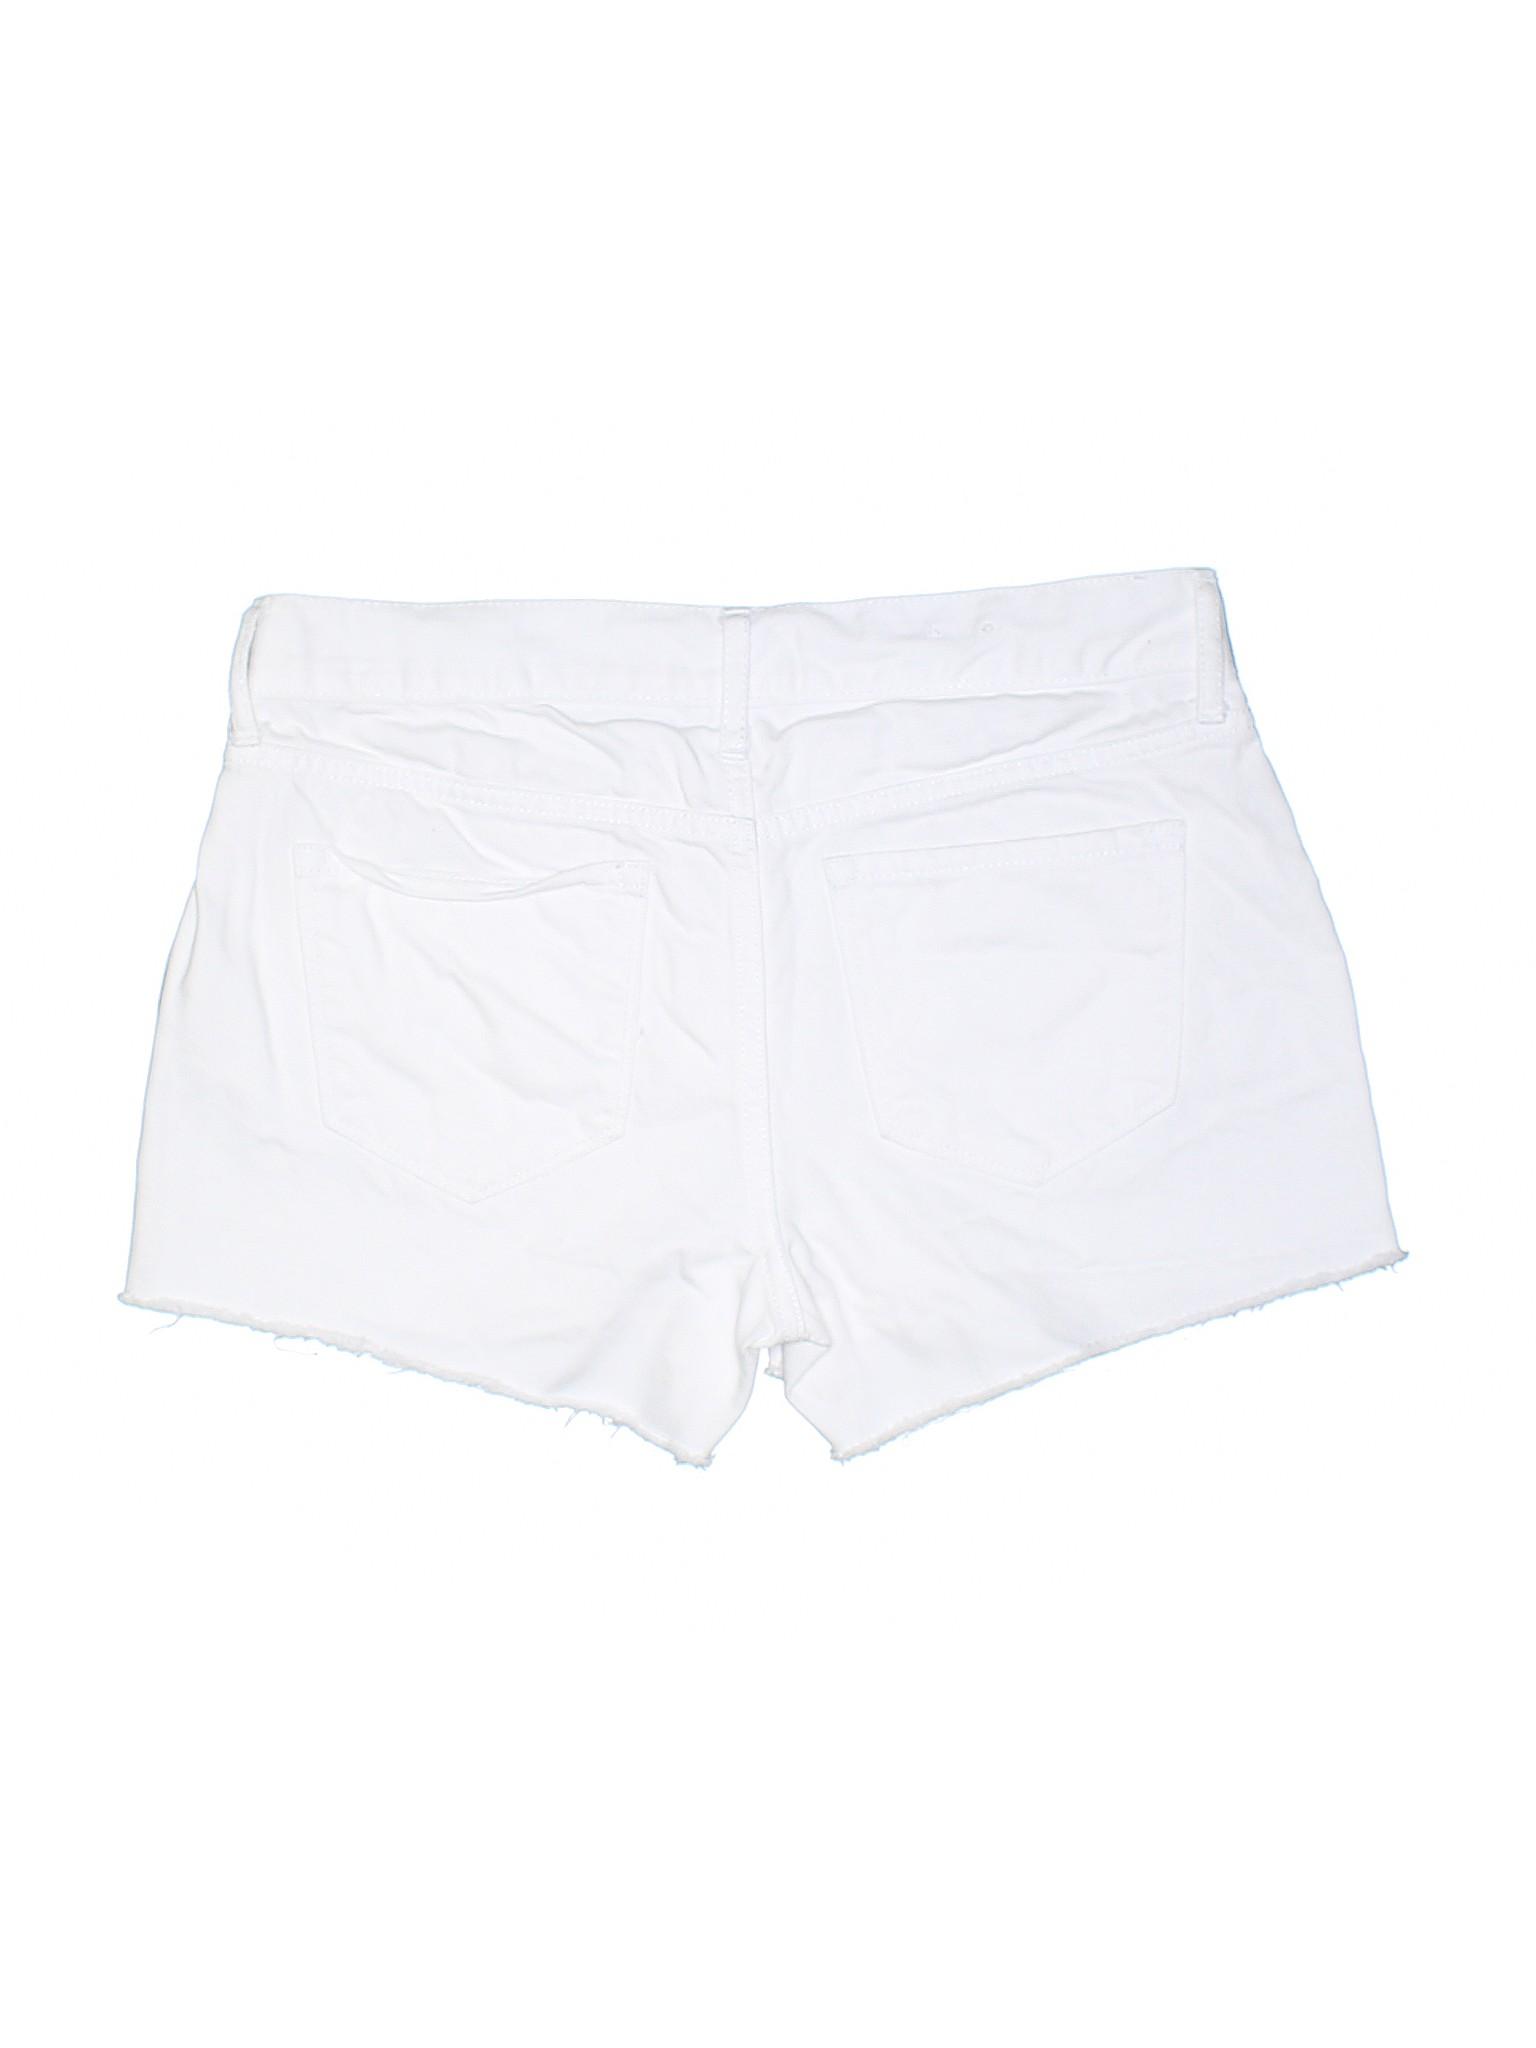 Shorts Denim Old Boutique Navy leisure qH7HntwFR